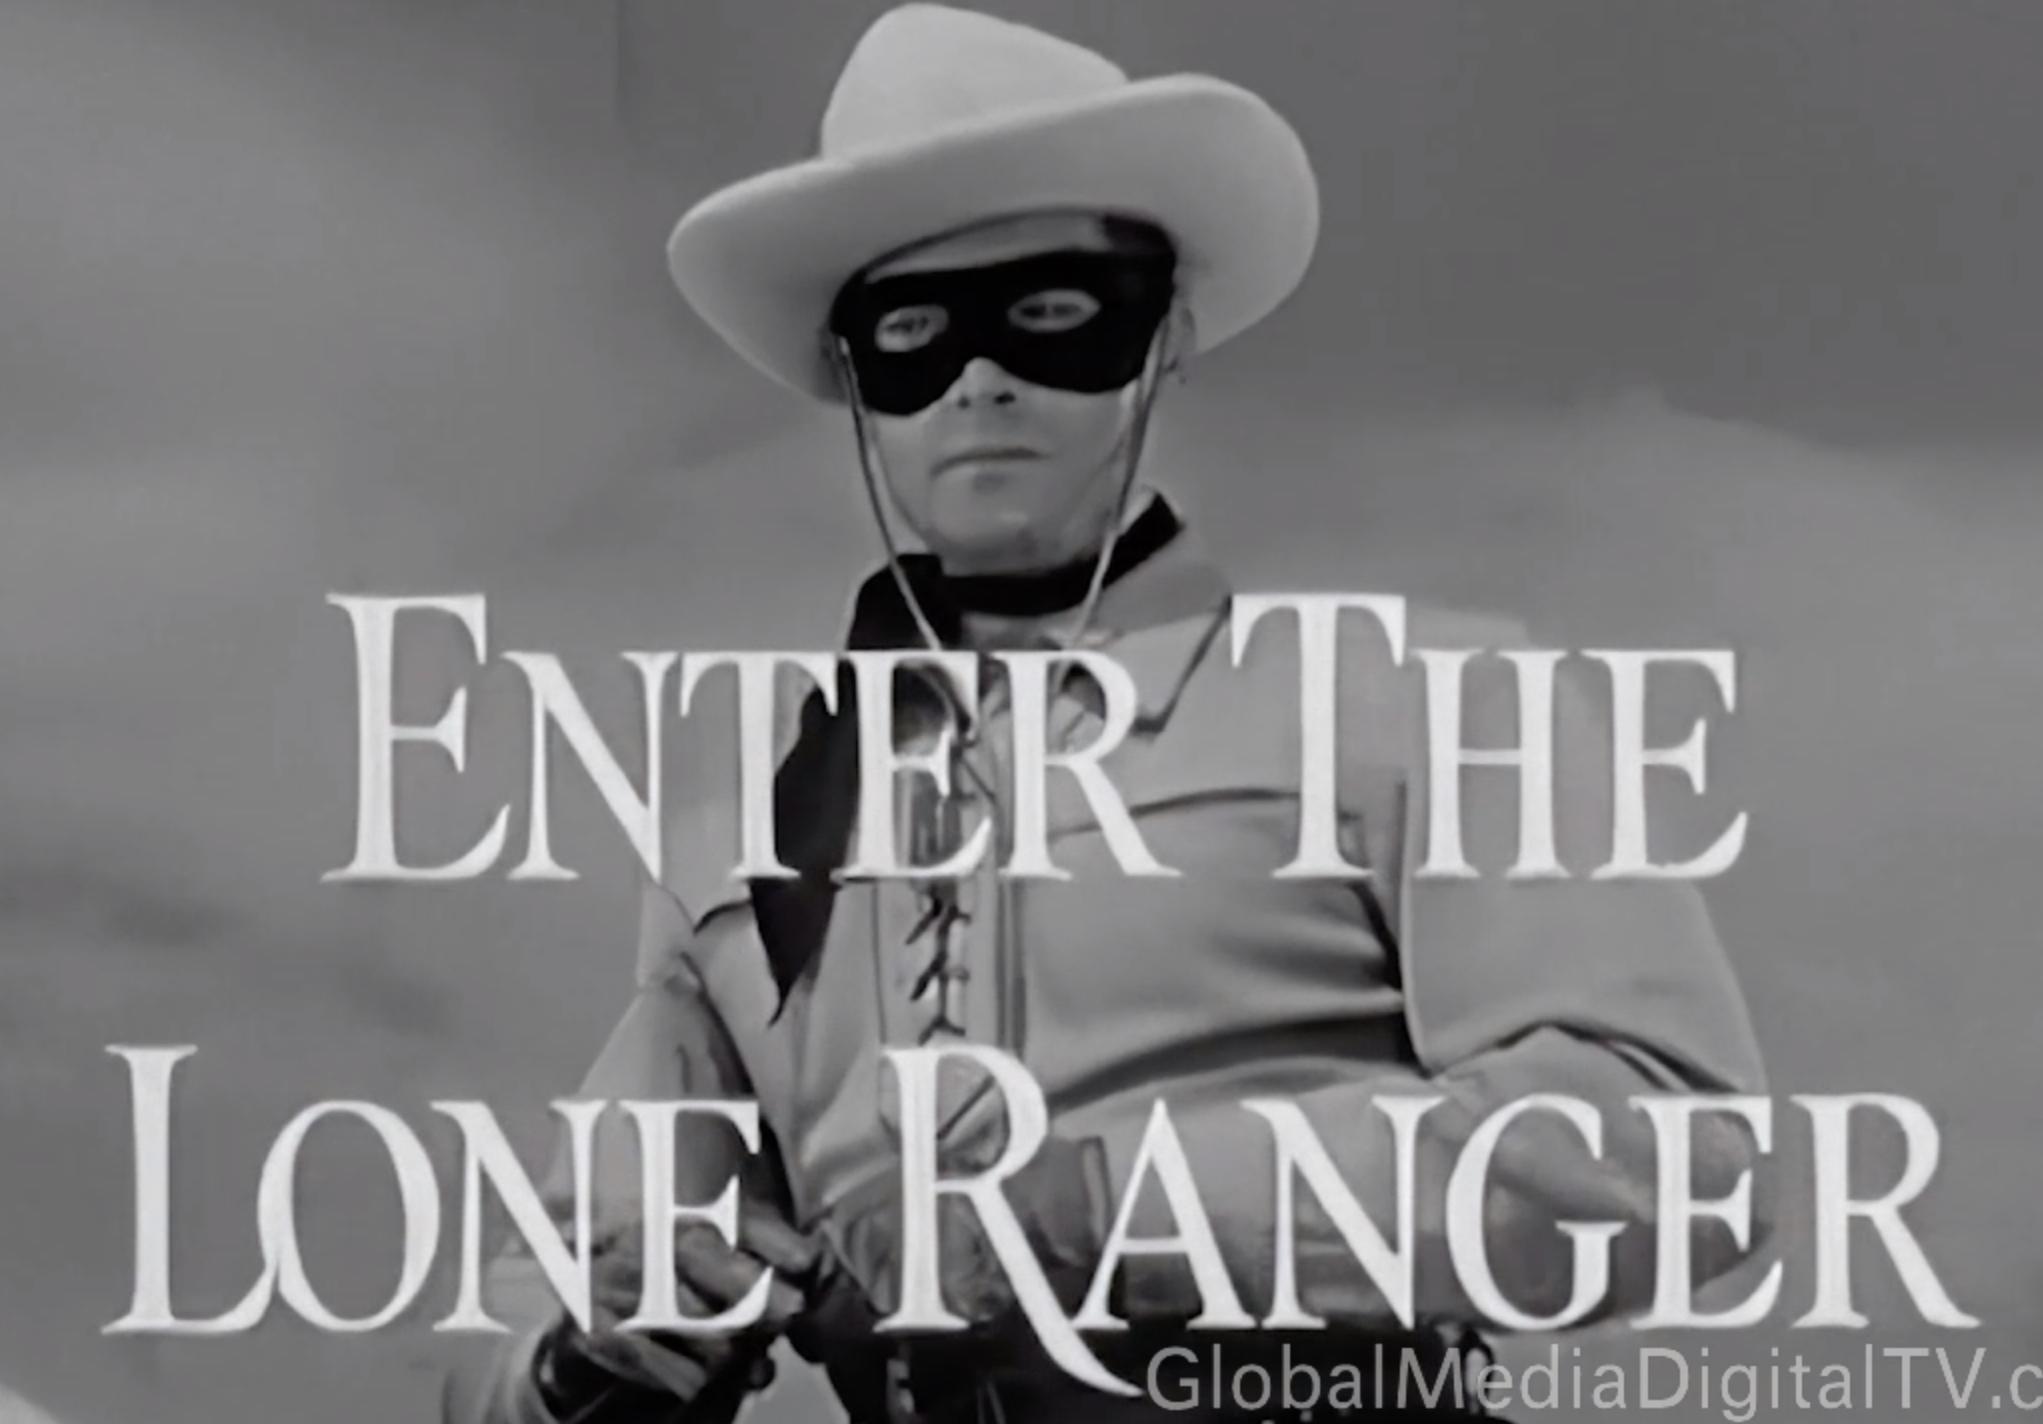 Lone_Ranger_TV_e01 (2)